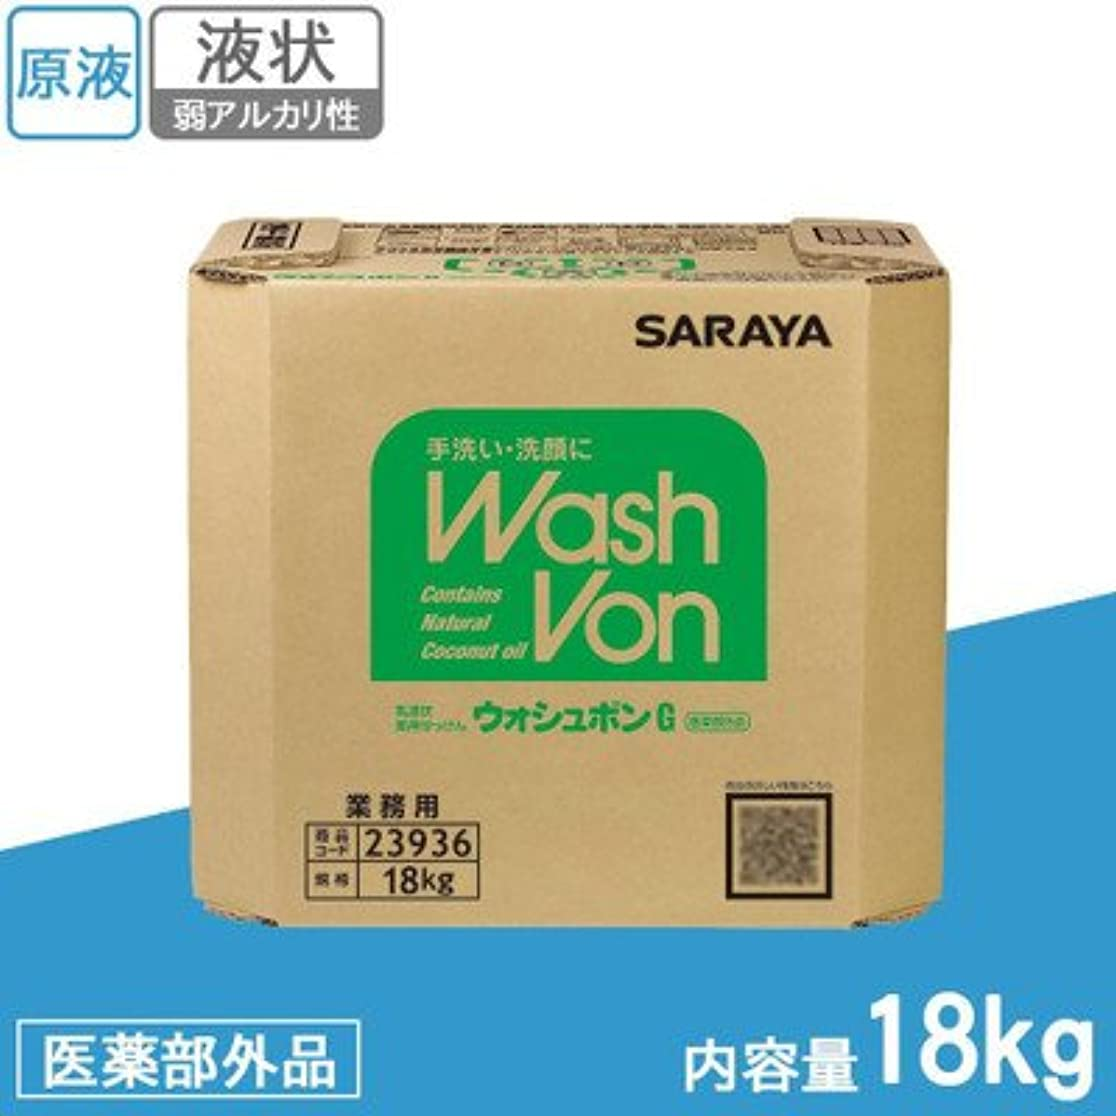 優先予知スクワイアフローラルノートの香りのクリーミィーな白色のせっけん液 サラヤ 業務用 乳液状薬用せっけん ウォシュボンG 18kg BIB 23936 医薬部外品